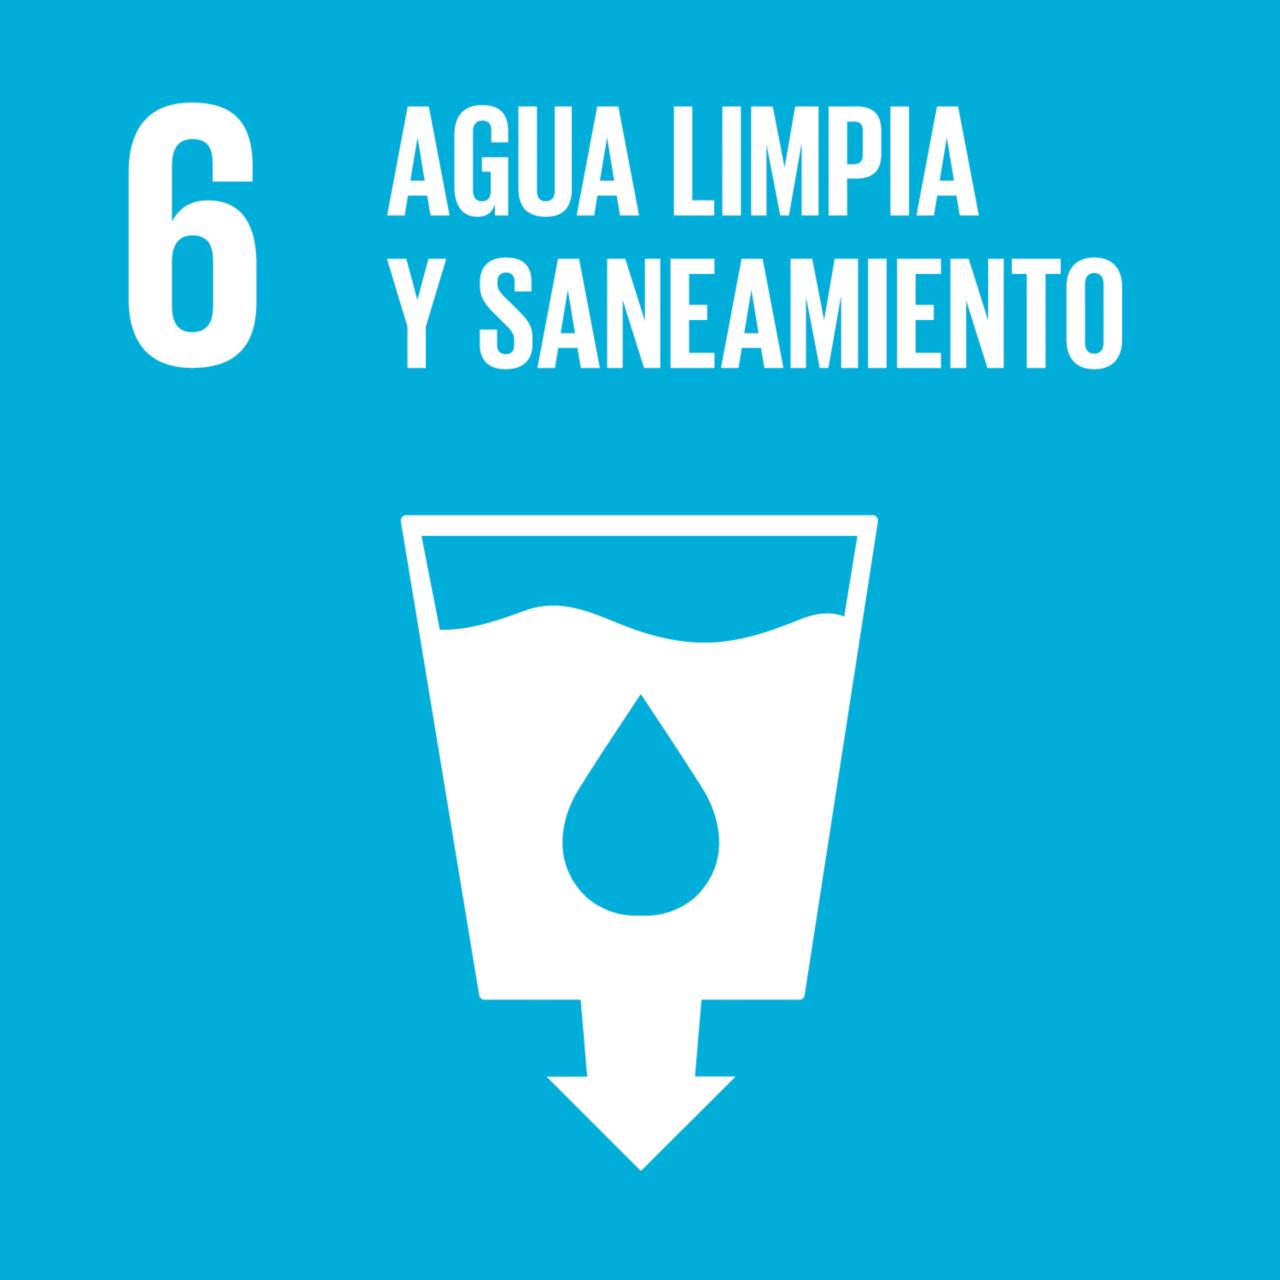 Codigo de naciones unidas agua limpia y saneamiento